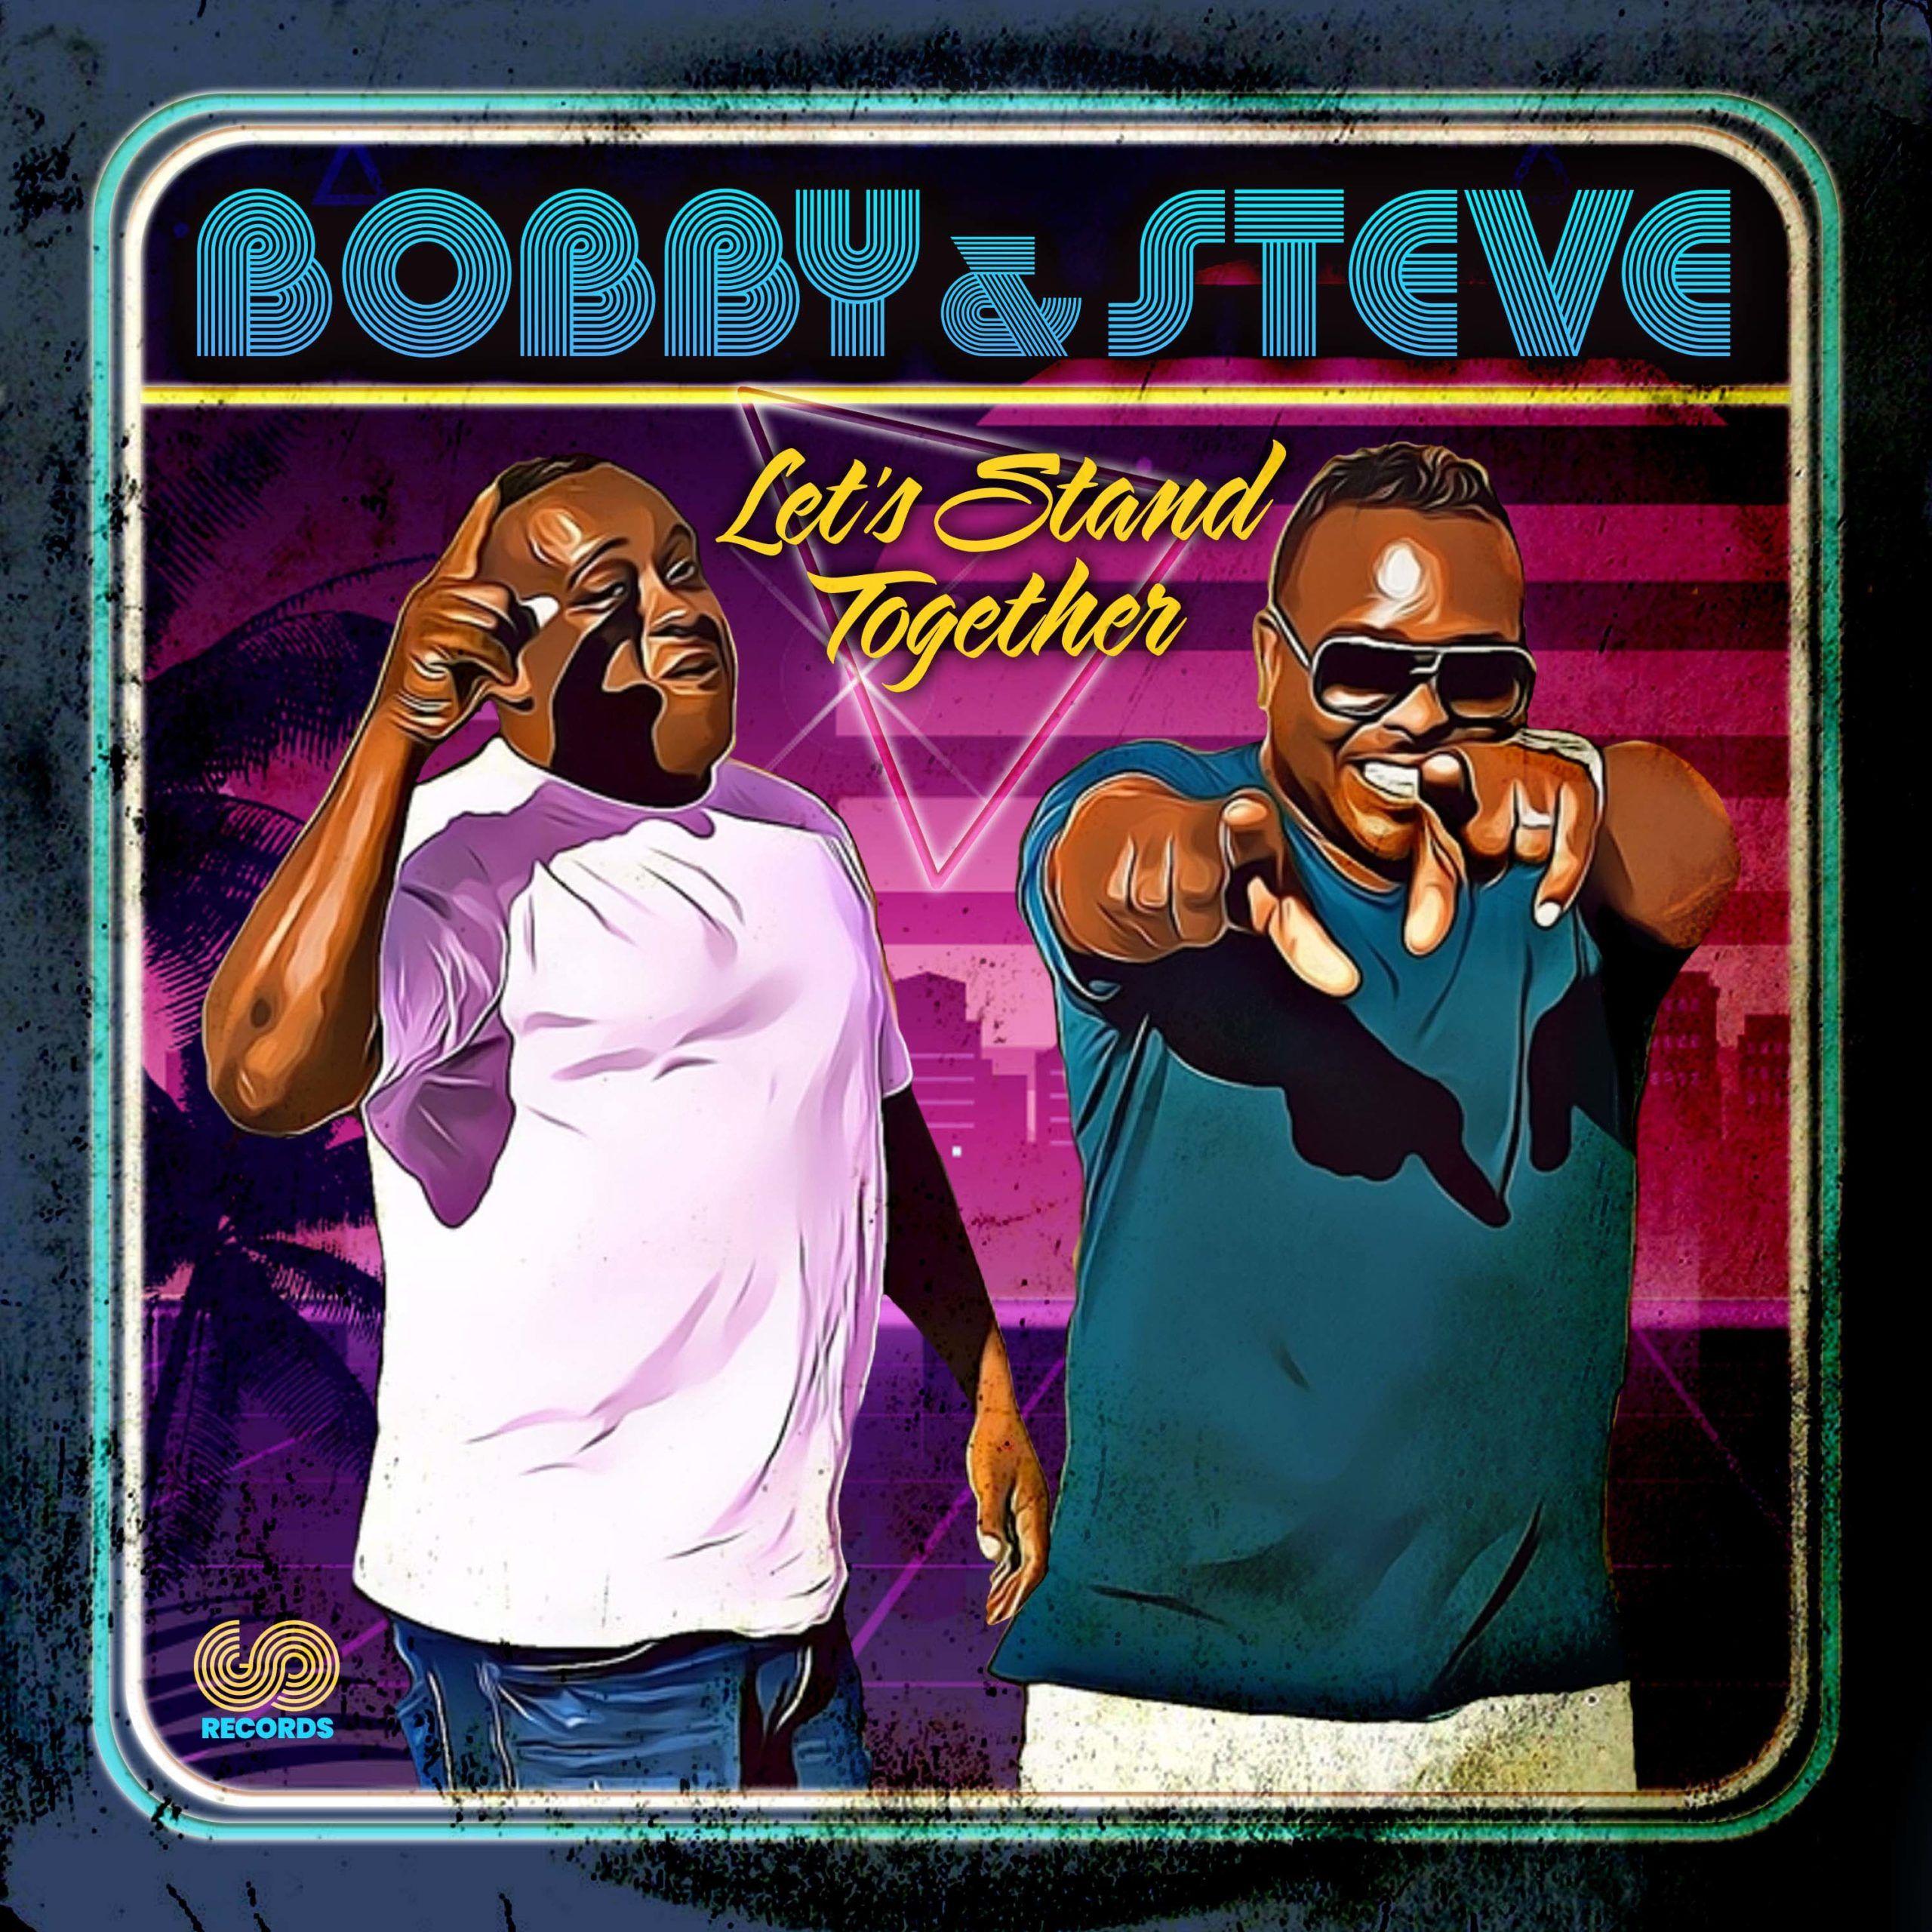 Groove Odyssey DJs Bobby & Steve,release debut artist album